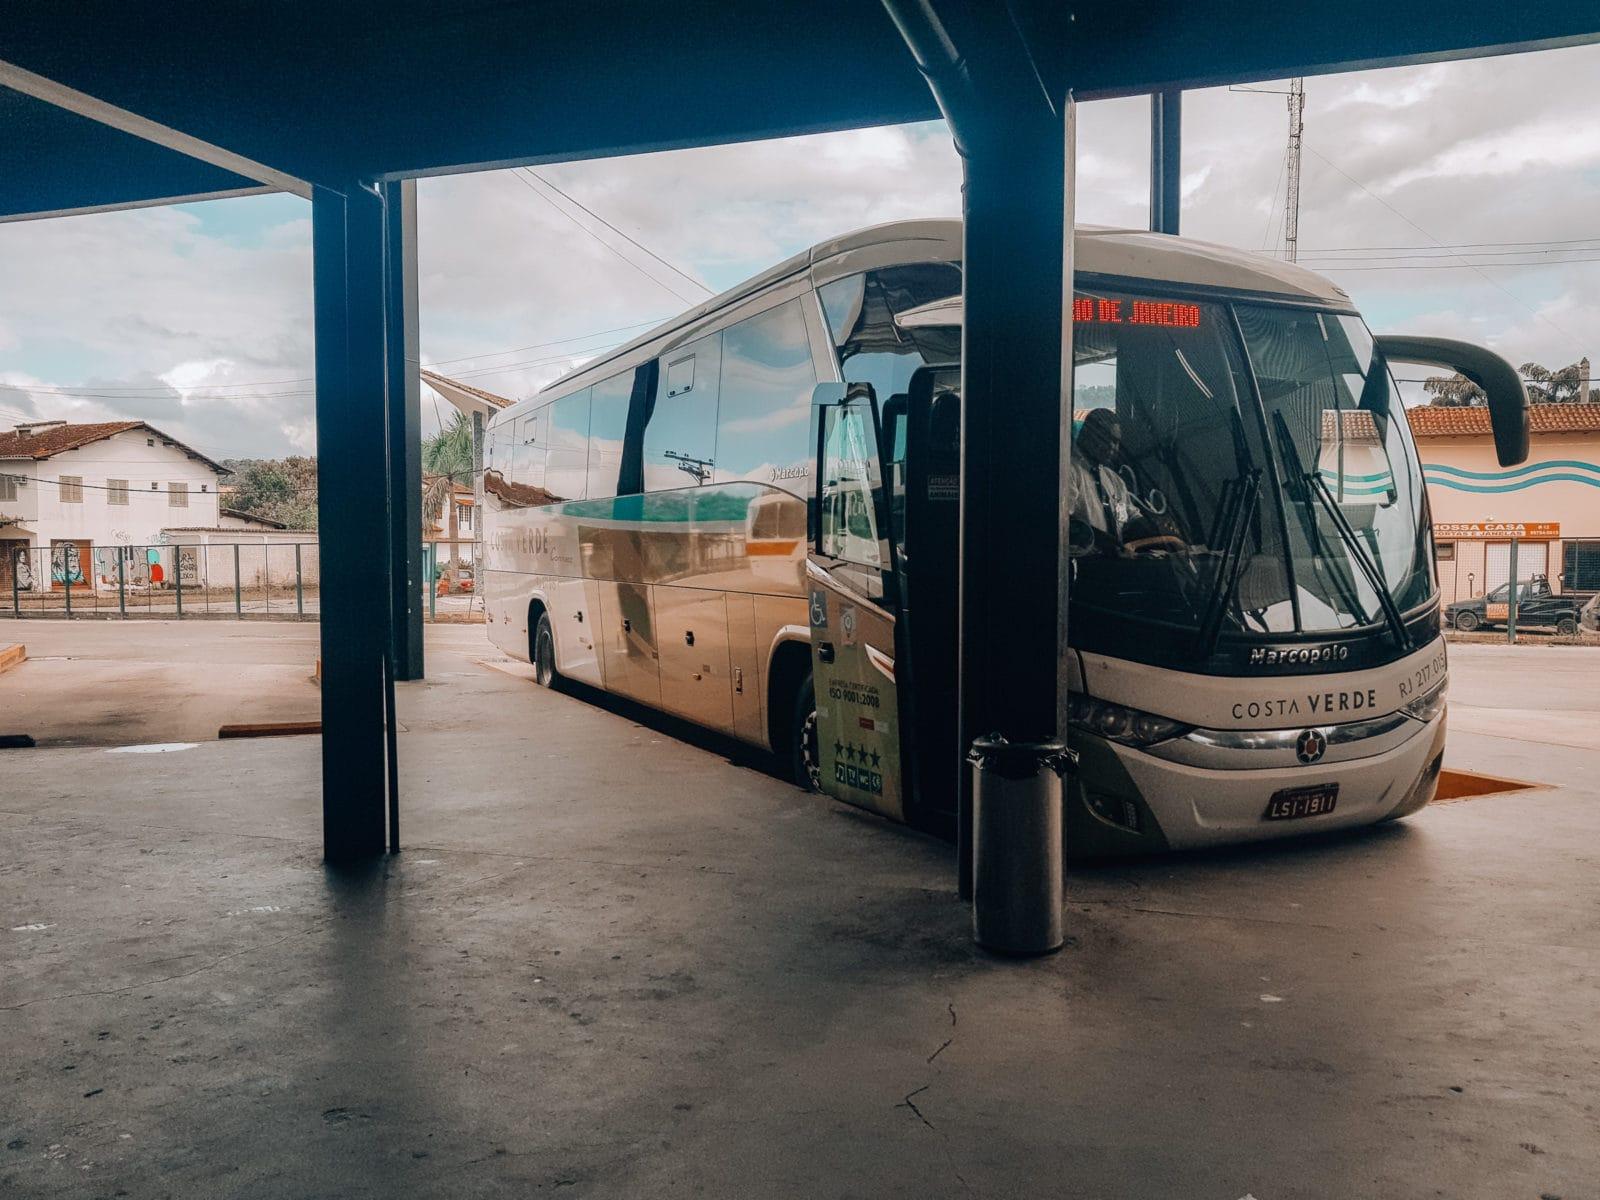 Bus im Busbahnhof von Paraty nach Rio de Janeiro